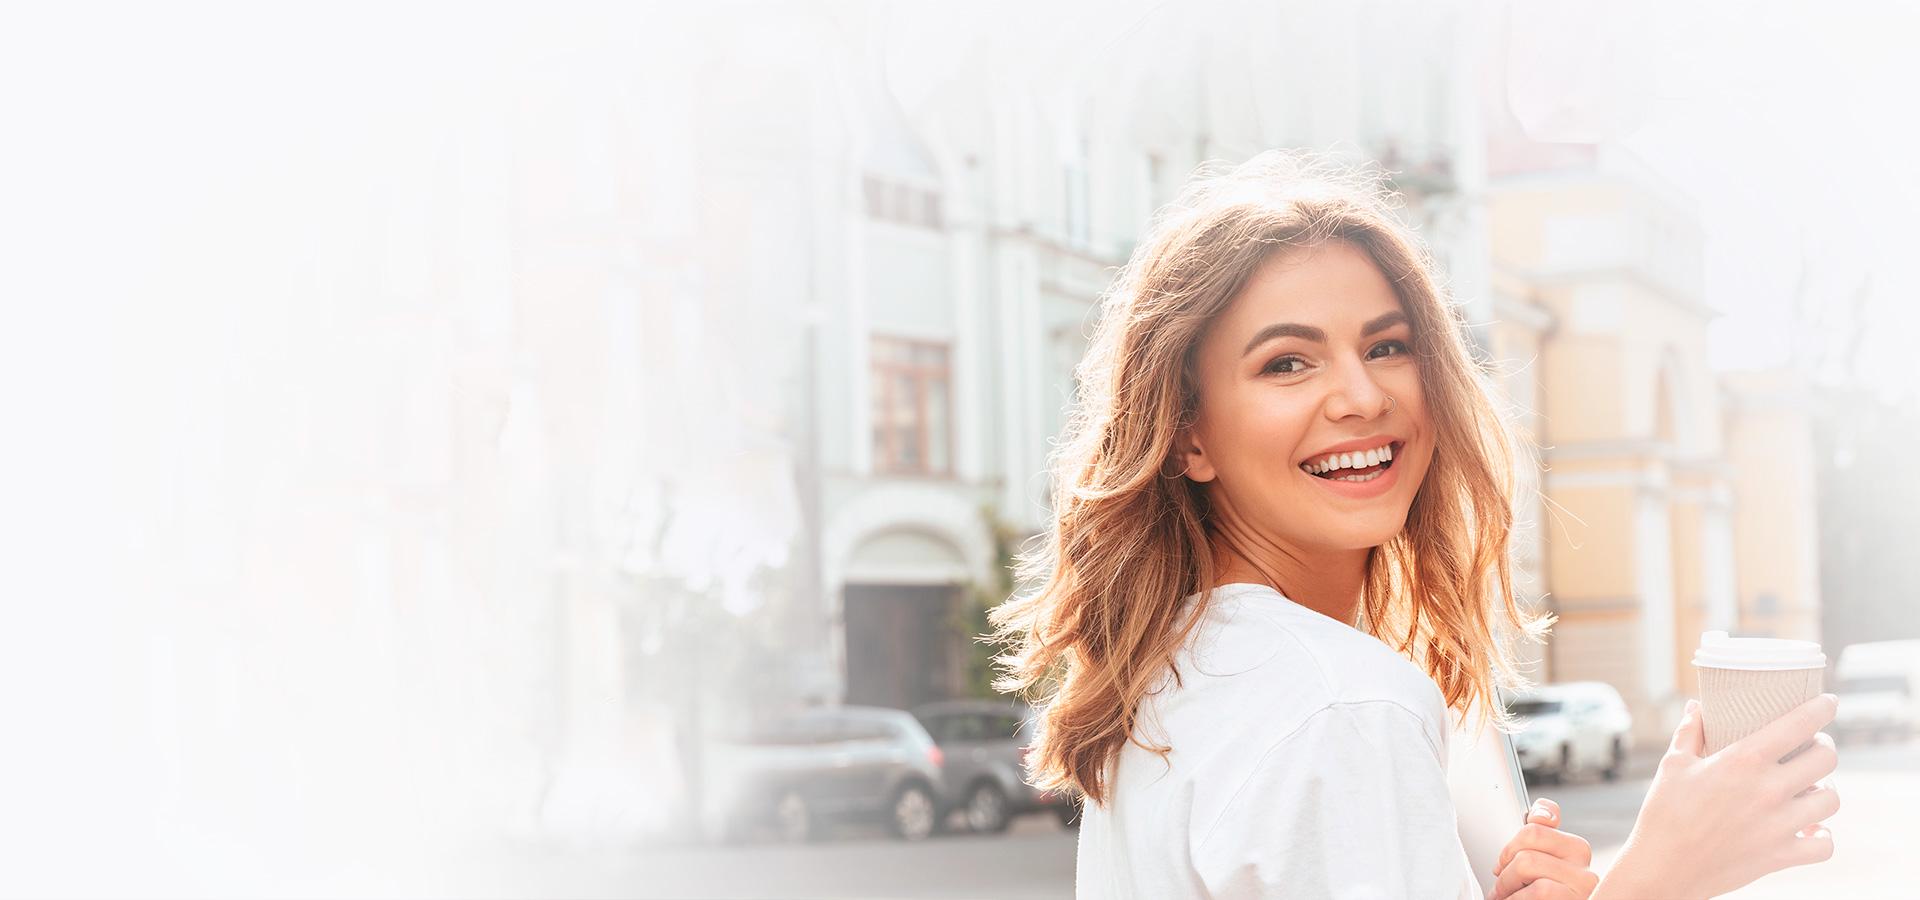 Junge lächelnde Frau mit Kaffee in der Hand in einem sonnigen Wohngebiet